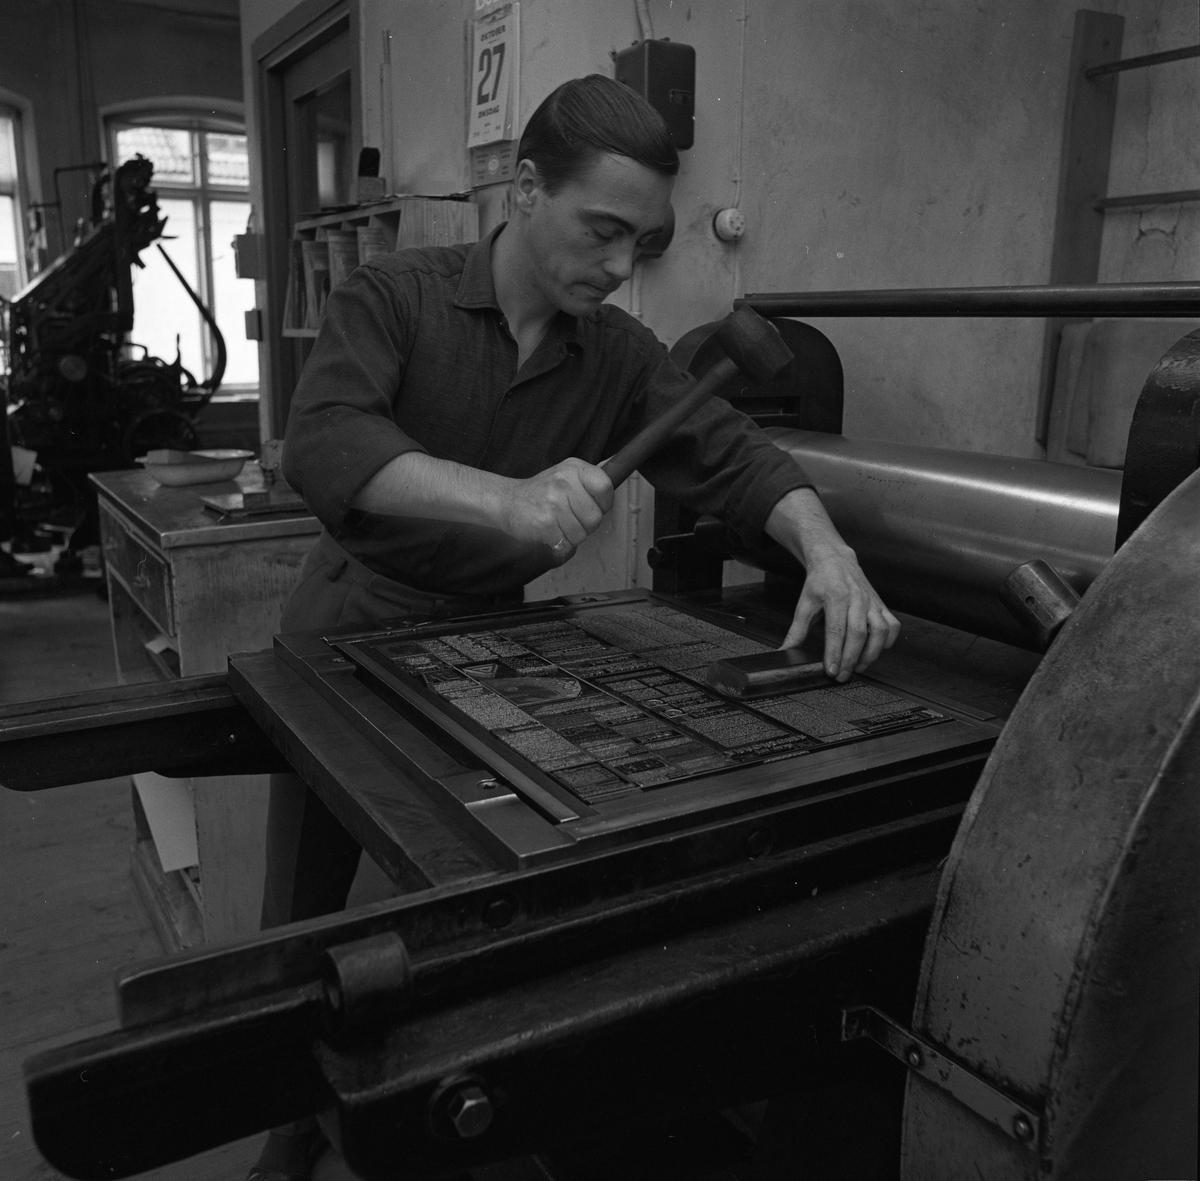 Arboga Tidning, personal och interiör. En man sätter en tidningssida. Han håller en gummiklubba i handen. På väggen hänger en almanacka. En stor maskin skymtar i bakgrunden.